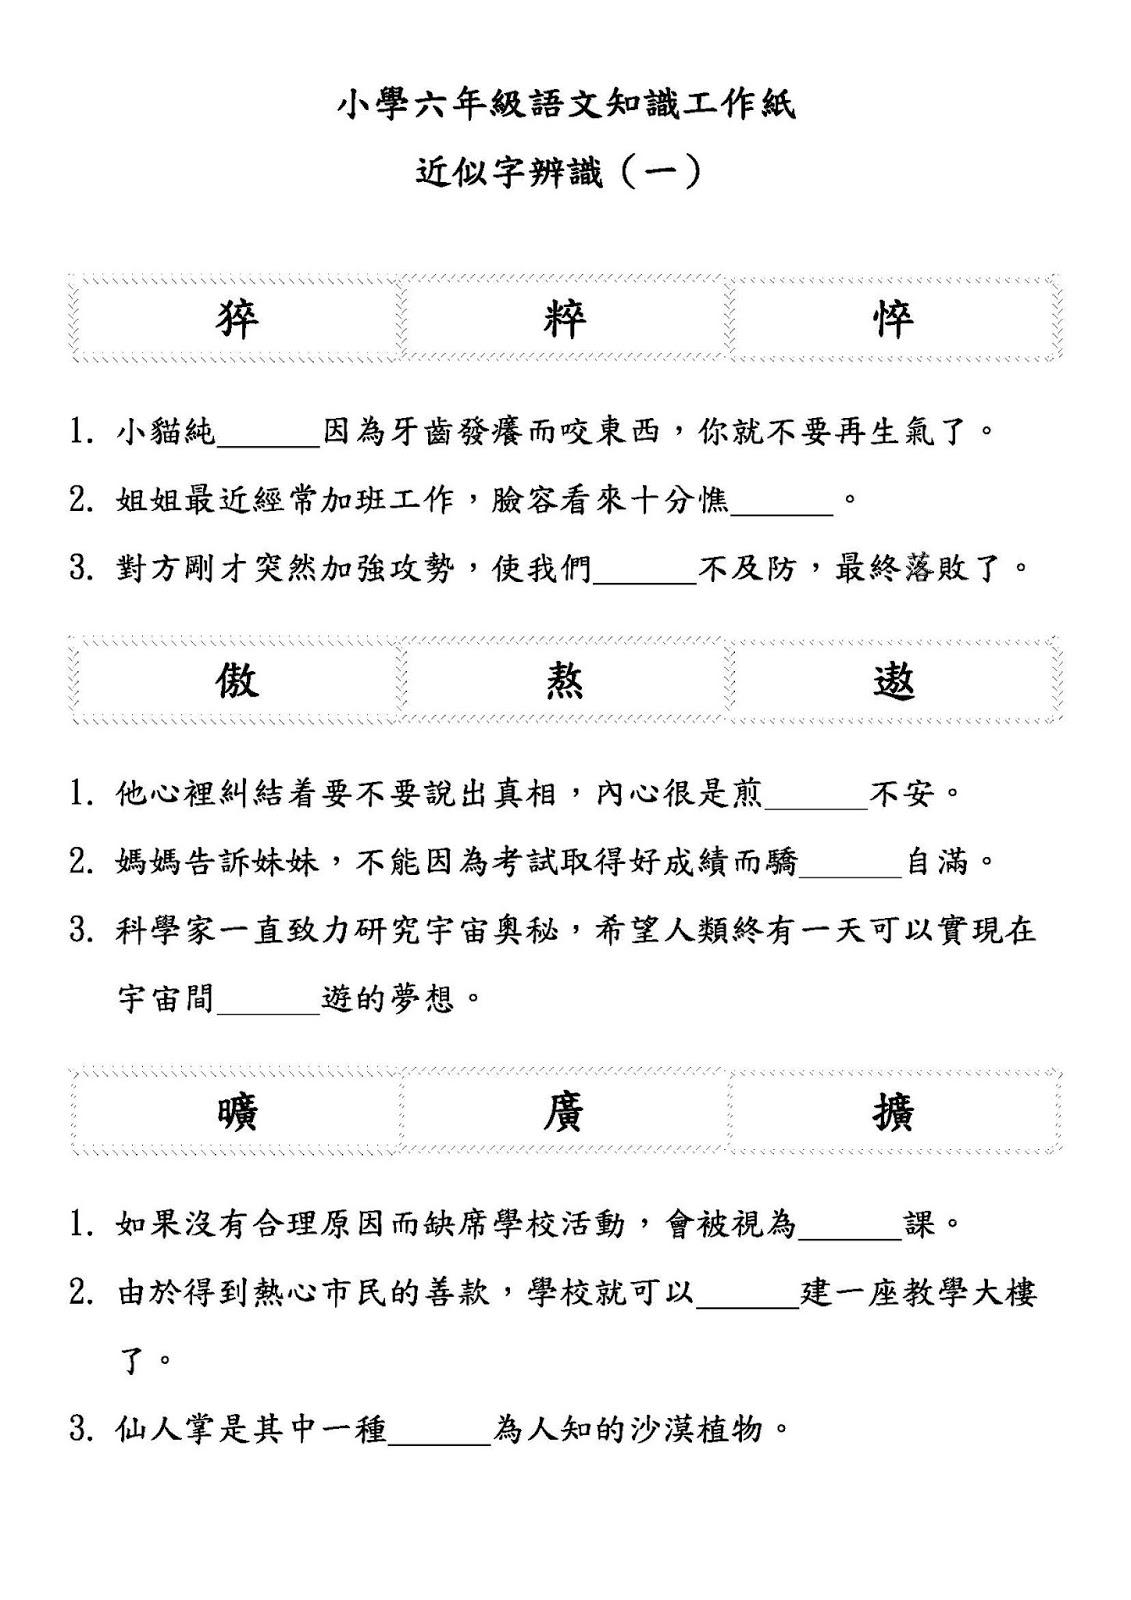 小六語文知識工作紙:近似字辨識(一)|中文工作紙|尤莉姐姐的反轉學堂